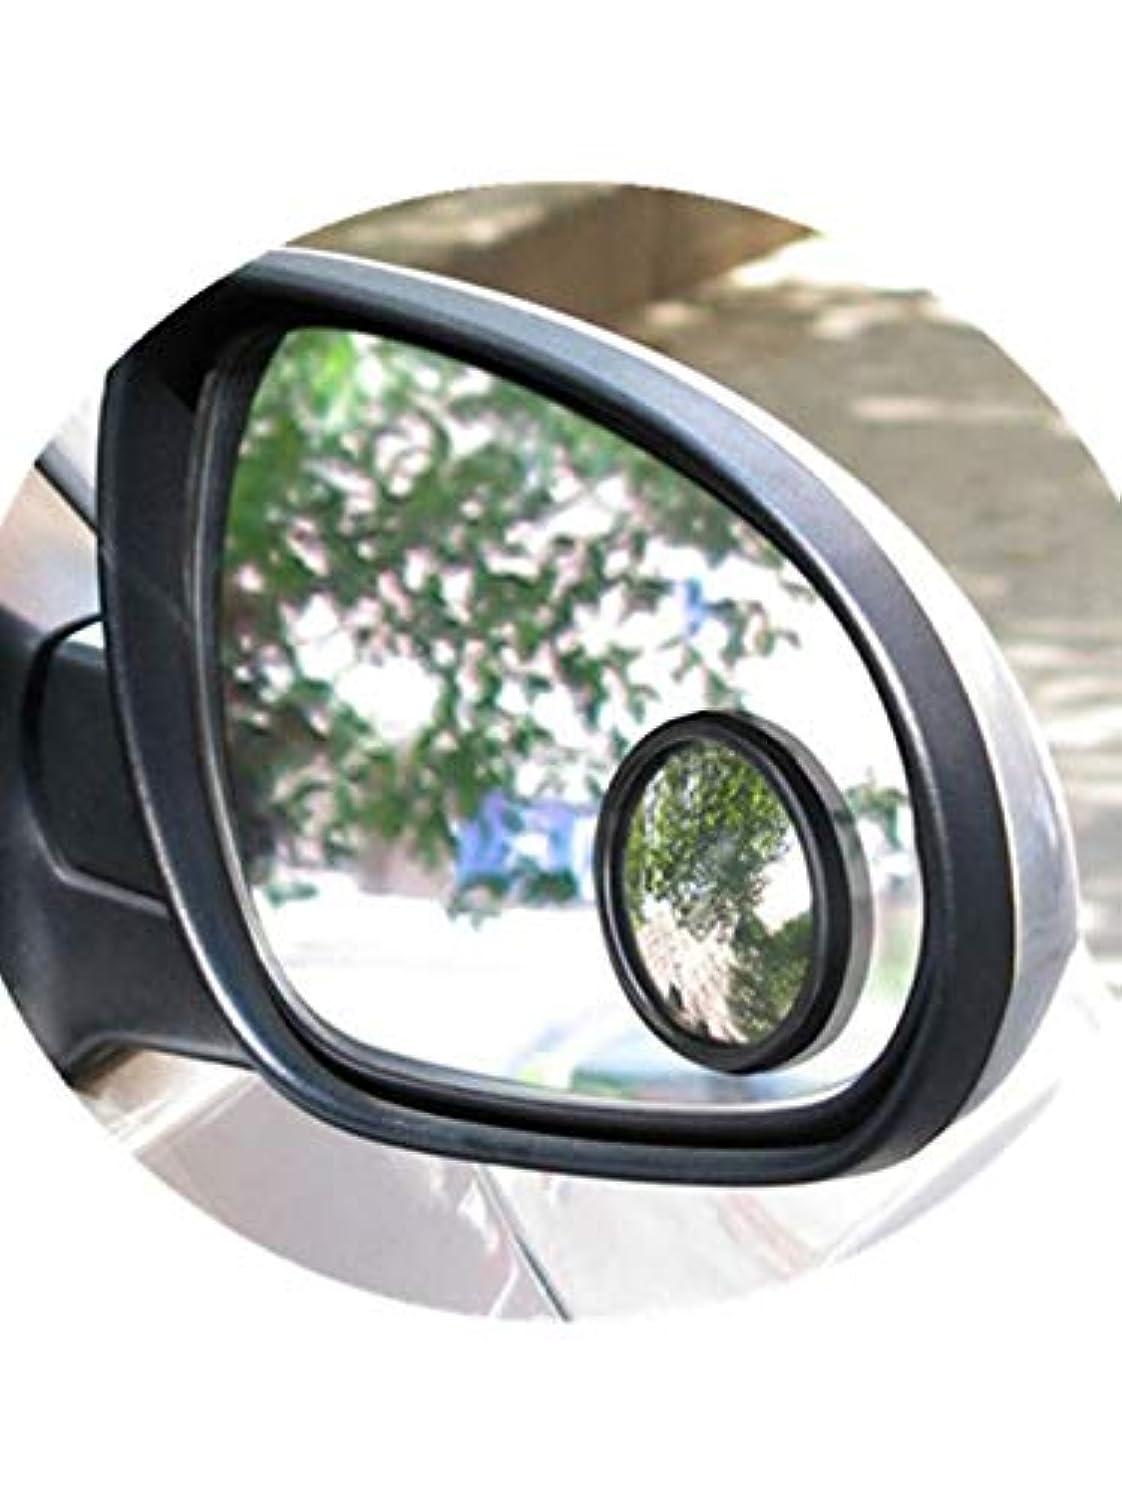 提案するクラックポットビジネス2個超薄型広角ラウンド凸ブラインドスポットミラー用駐車場リアビューミラー ブラック